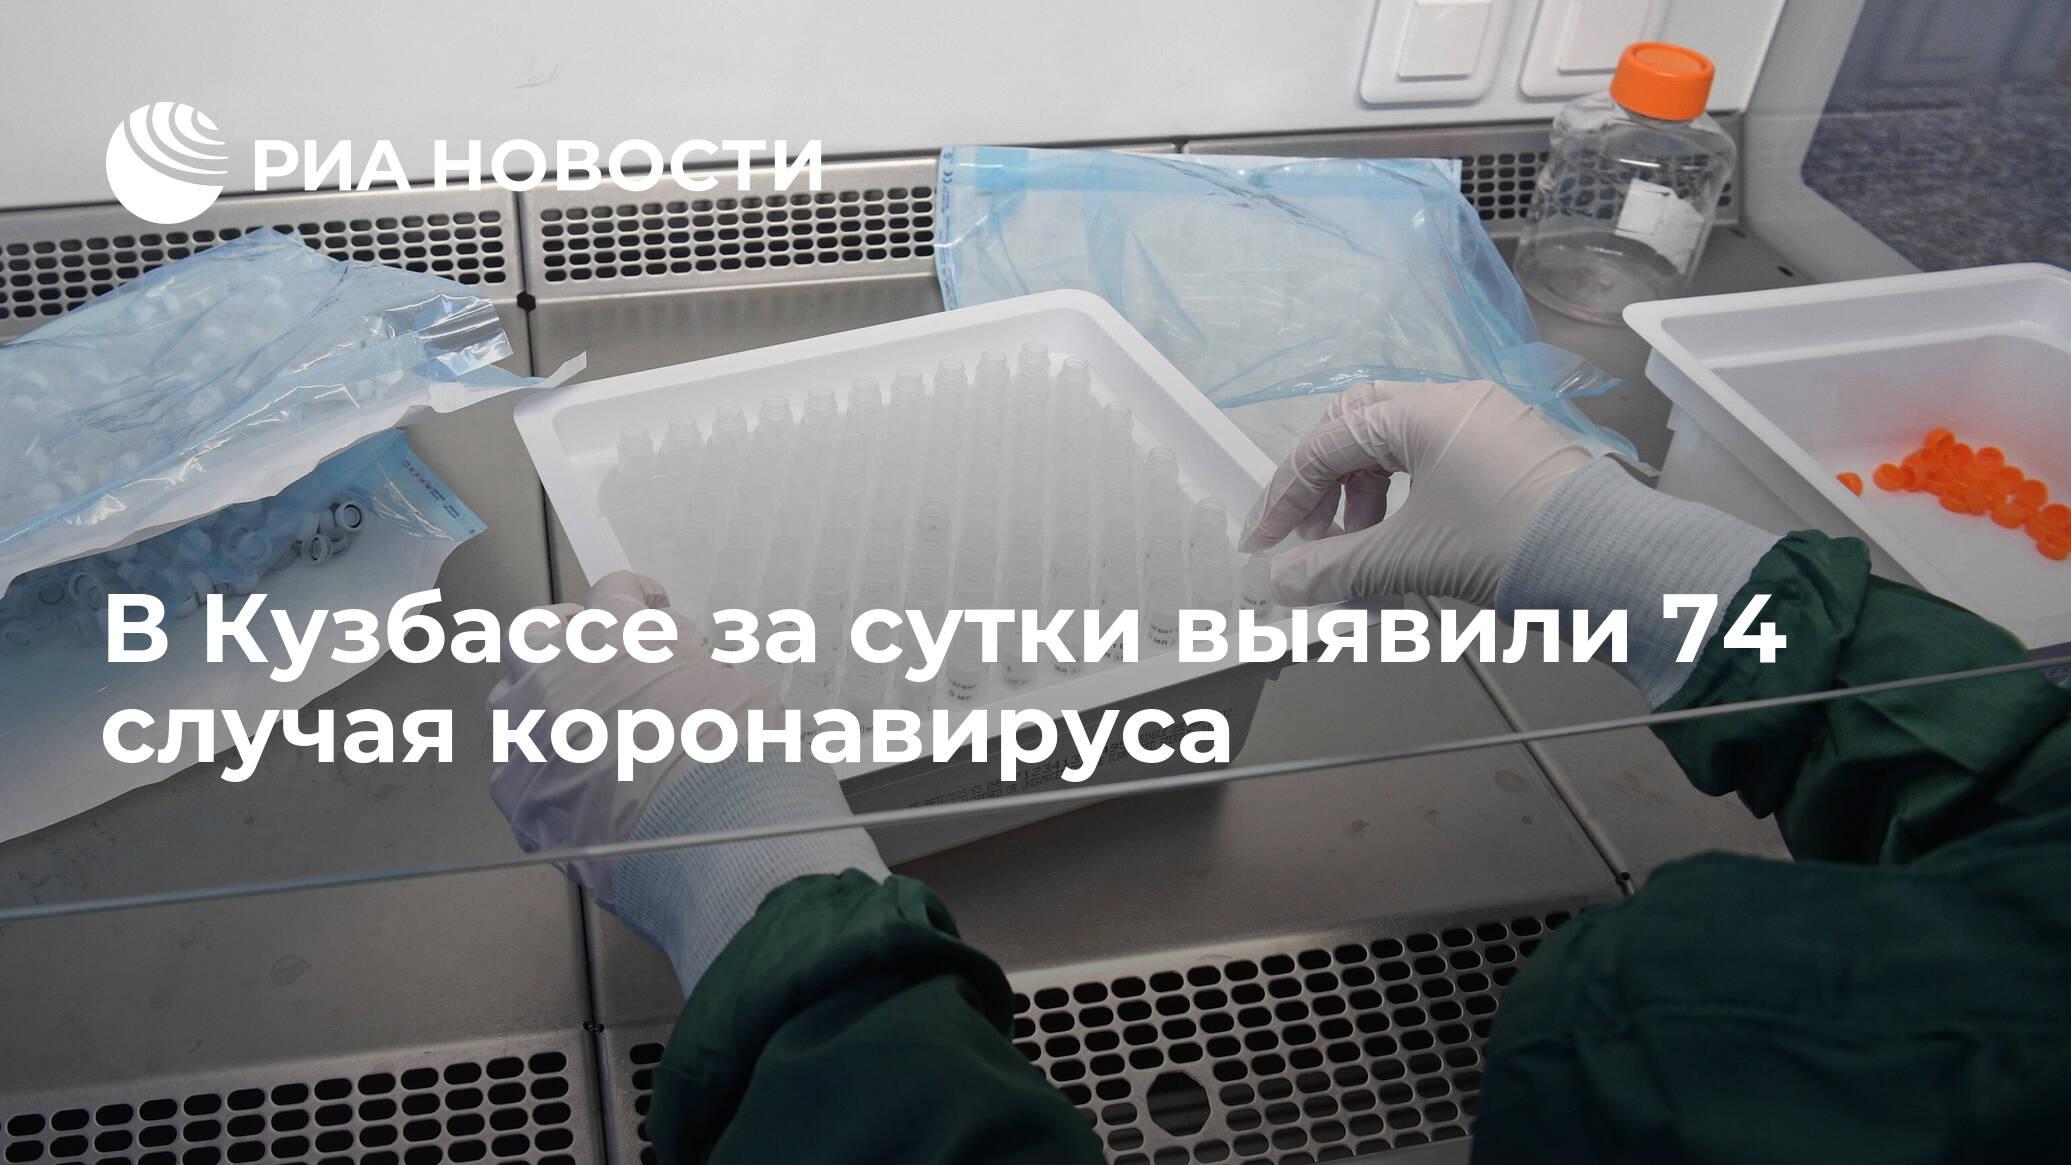 В Кузбассе за сутки выявили 74 случая коронавируса